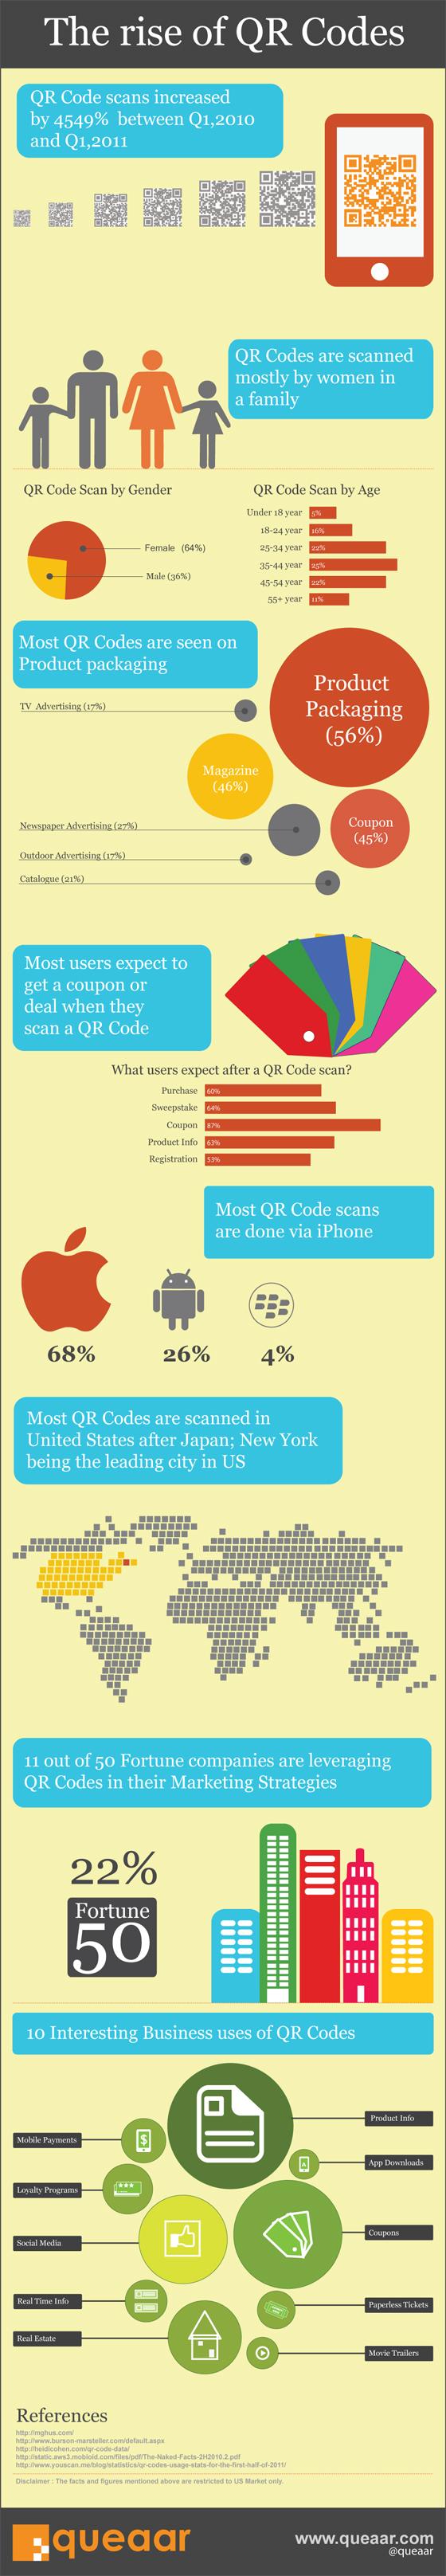 La montée en puissance des QR codes